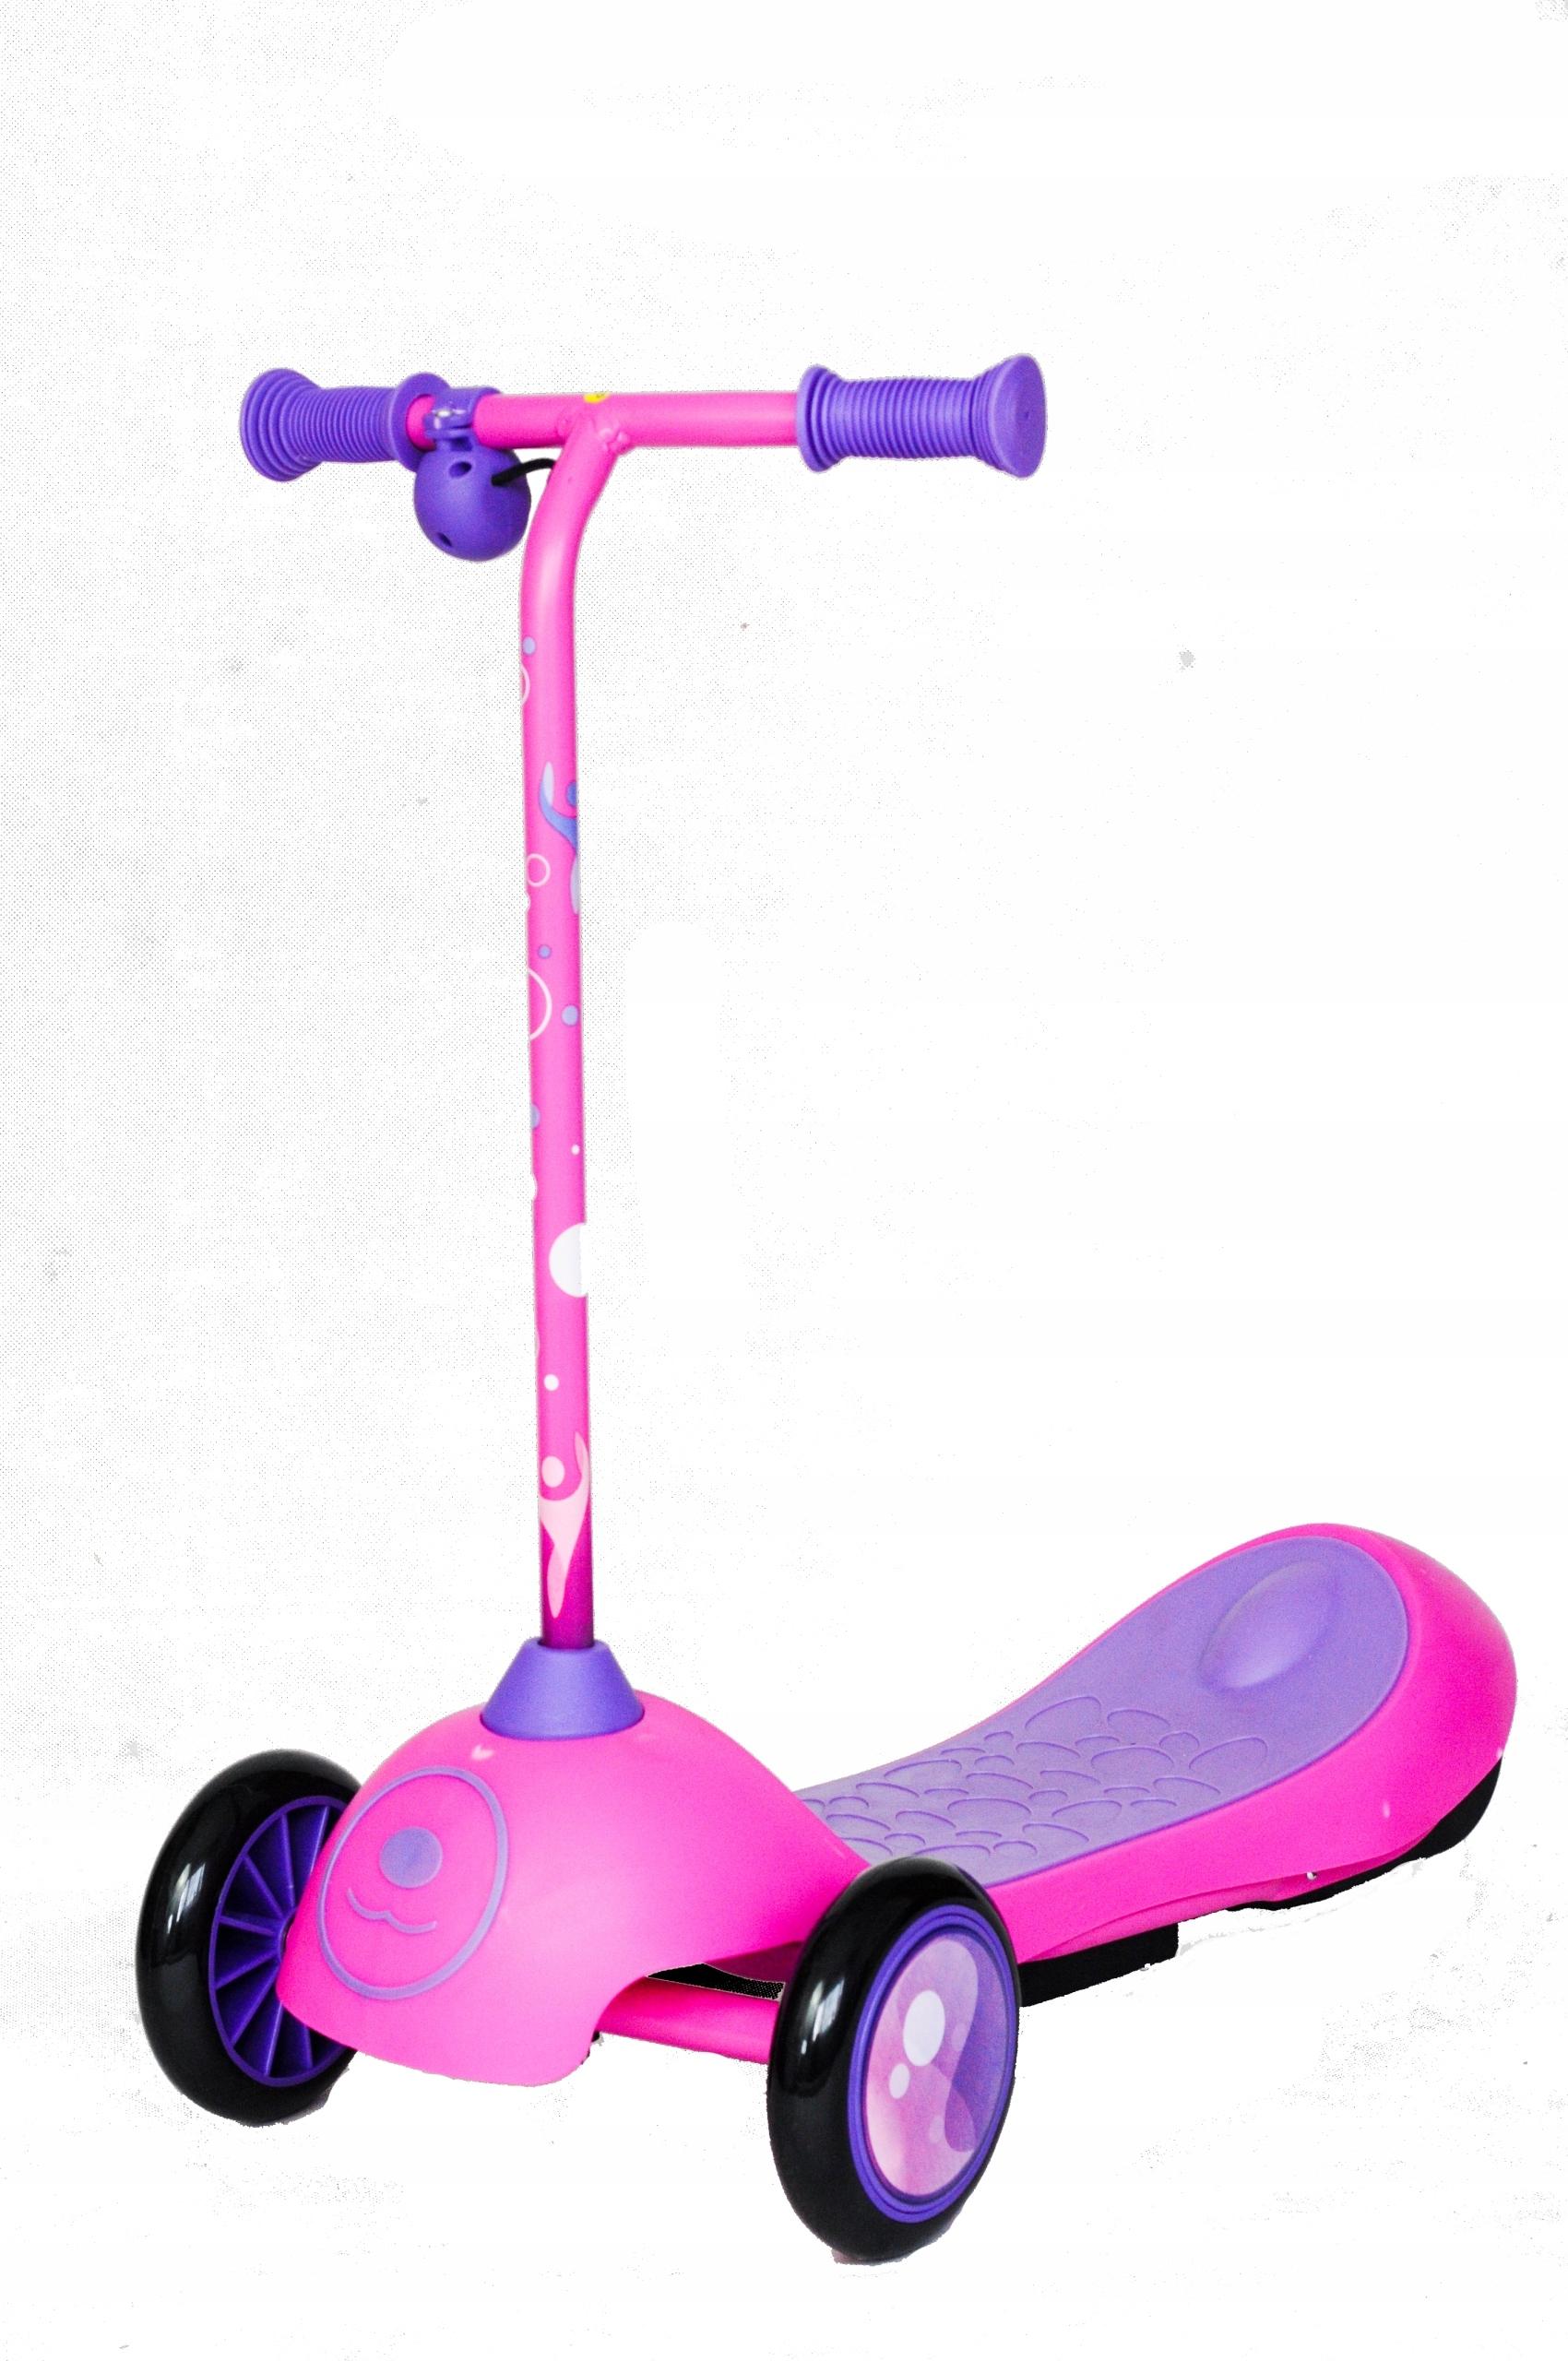 Ružový elektrický trojkolesový skúter pre deti